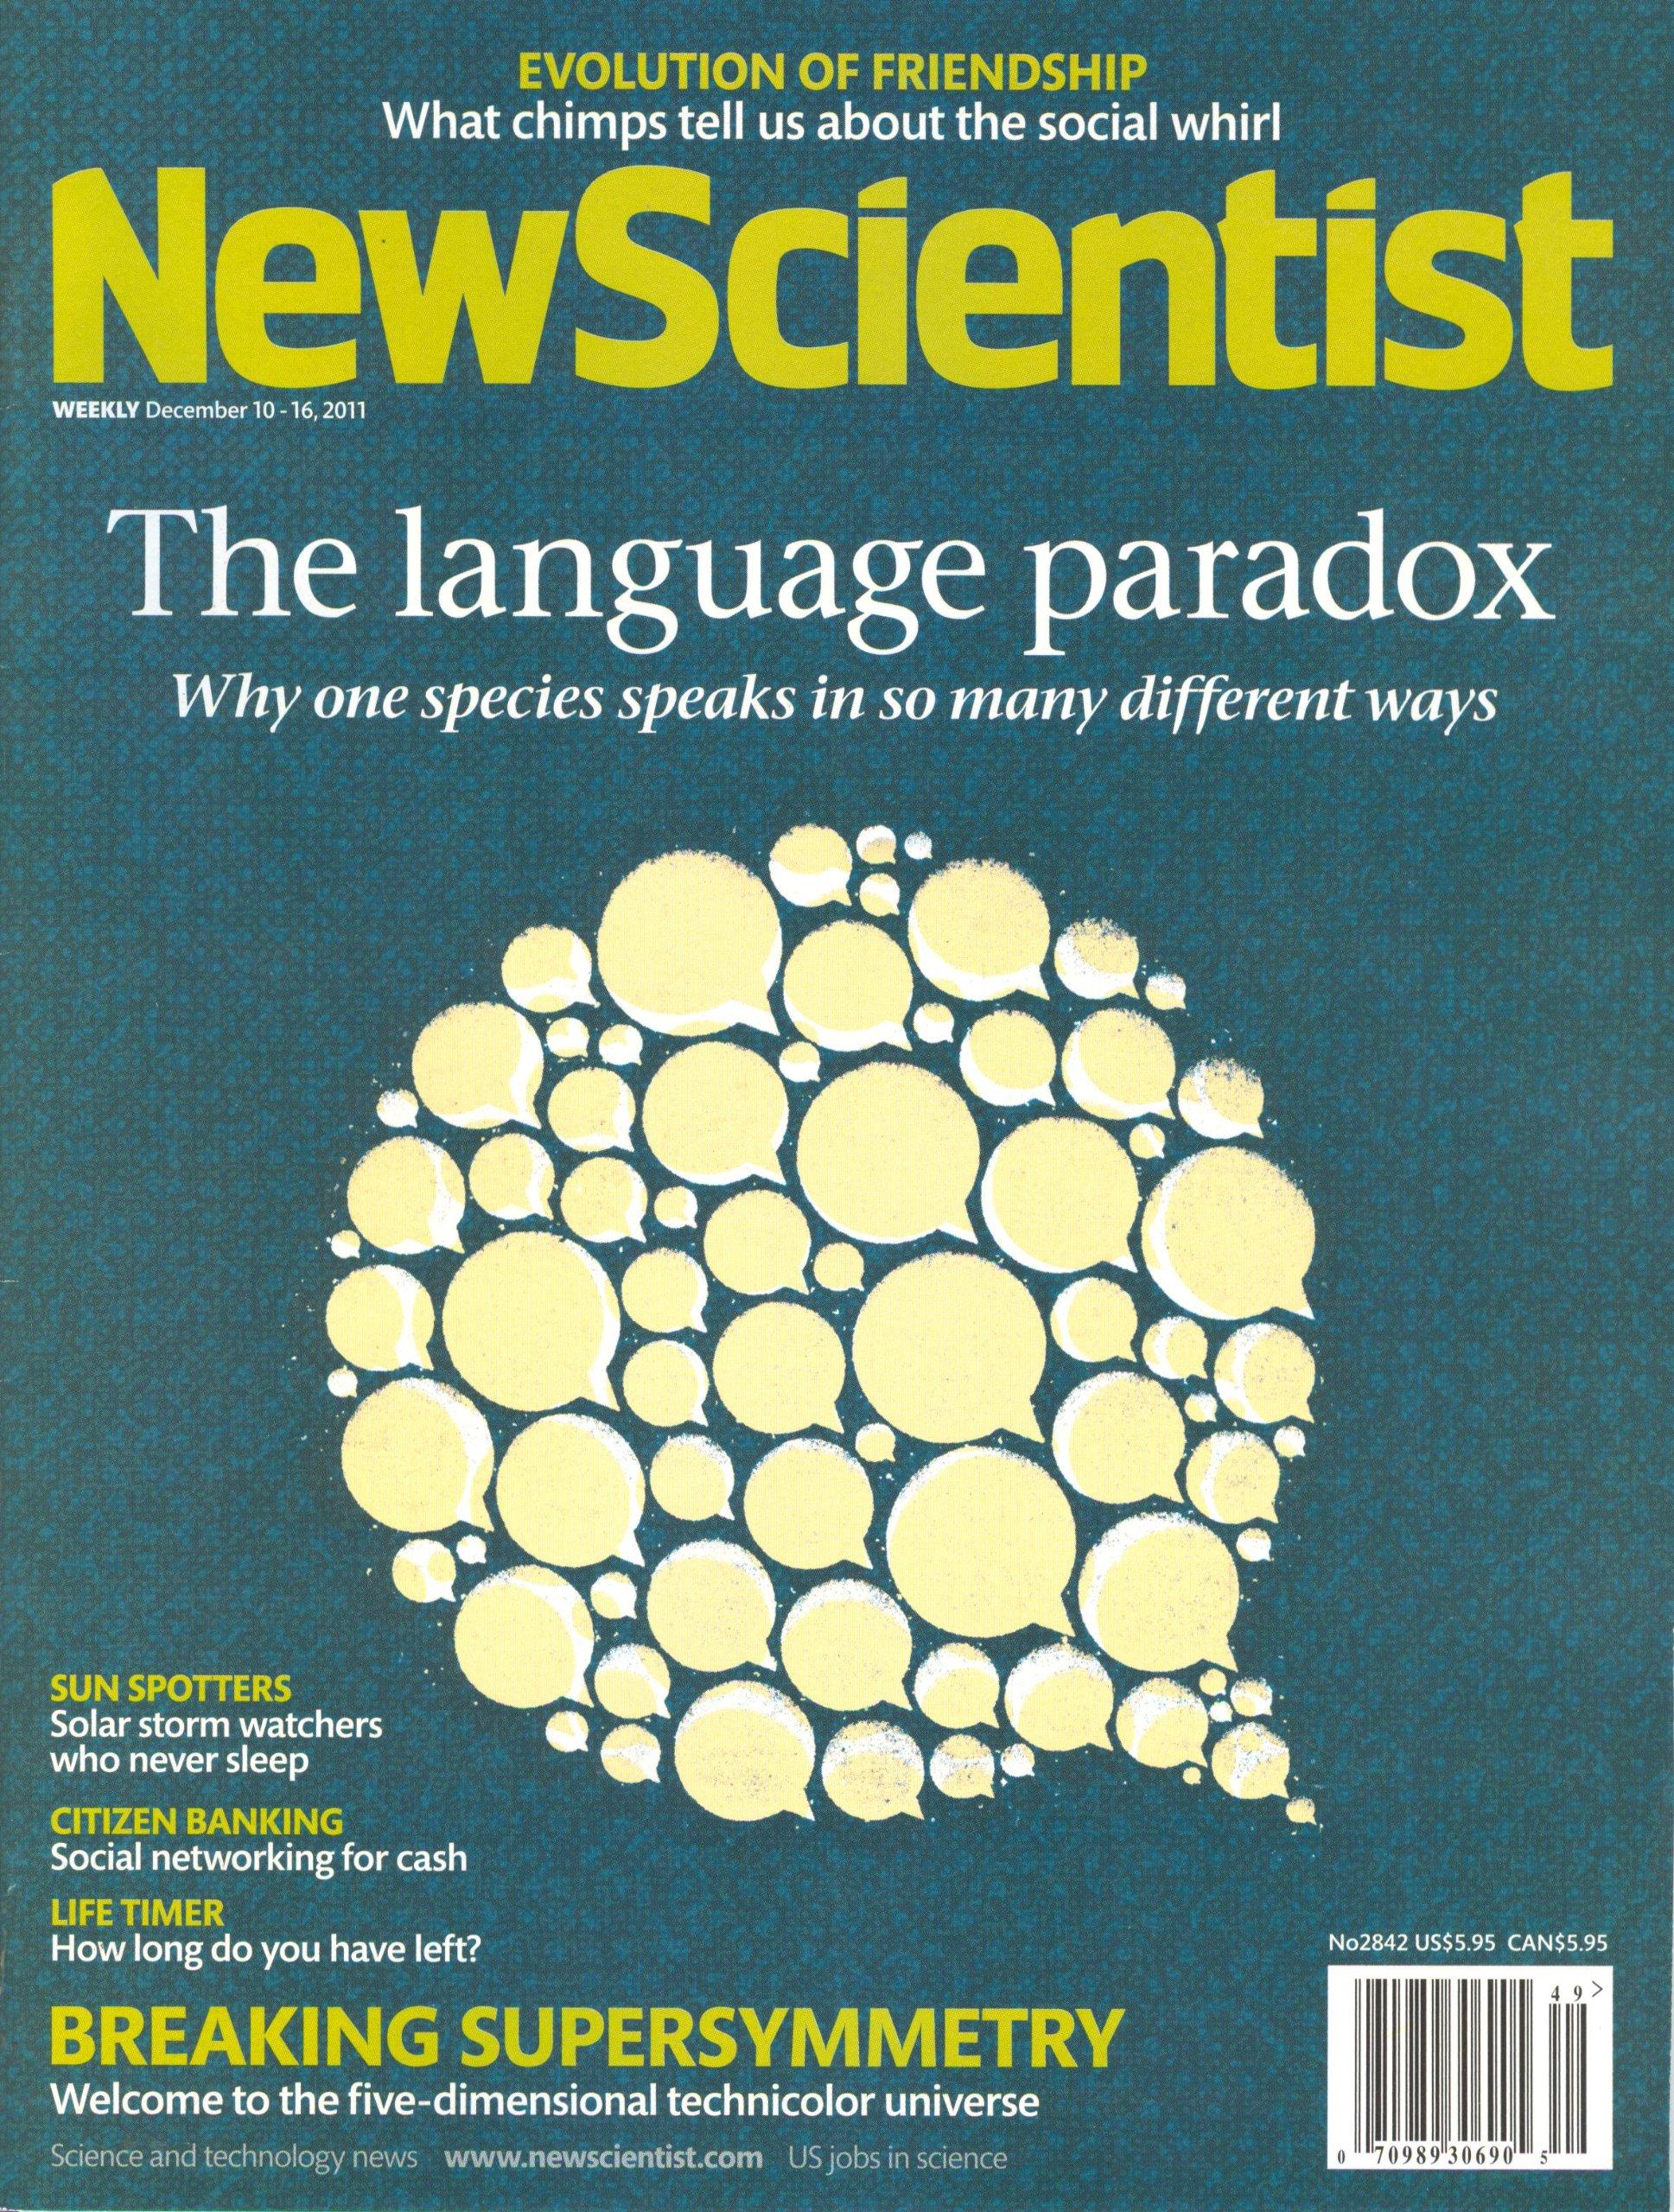 Download New Scientist Weekly December 10-16 2011 PDF